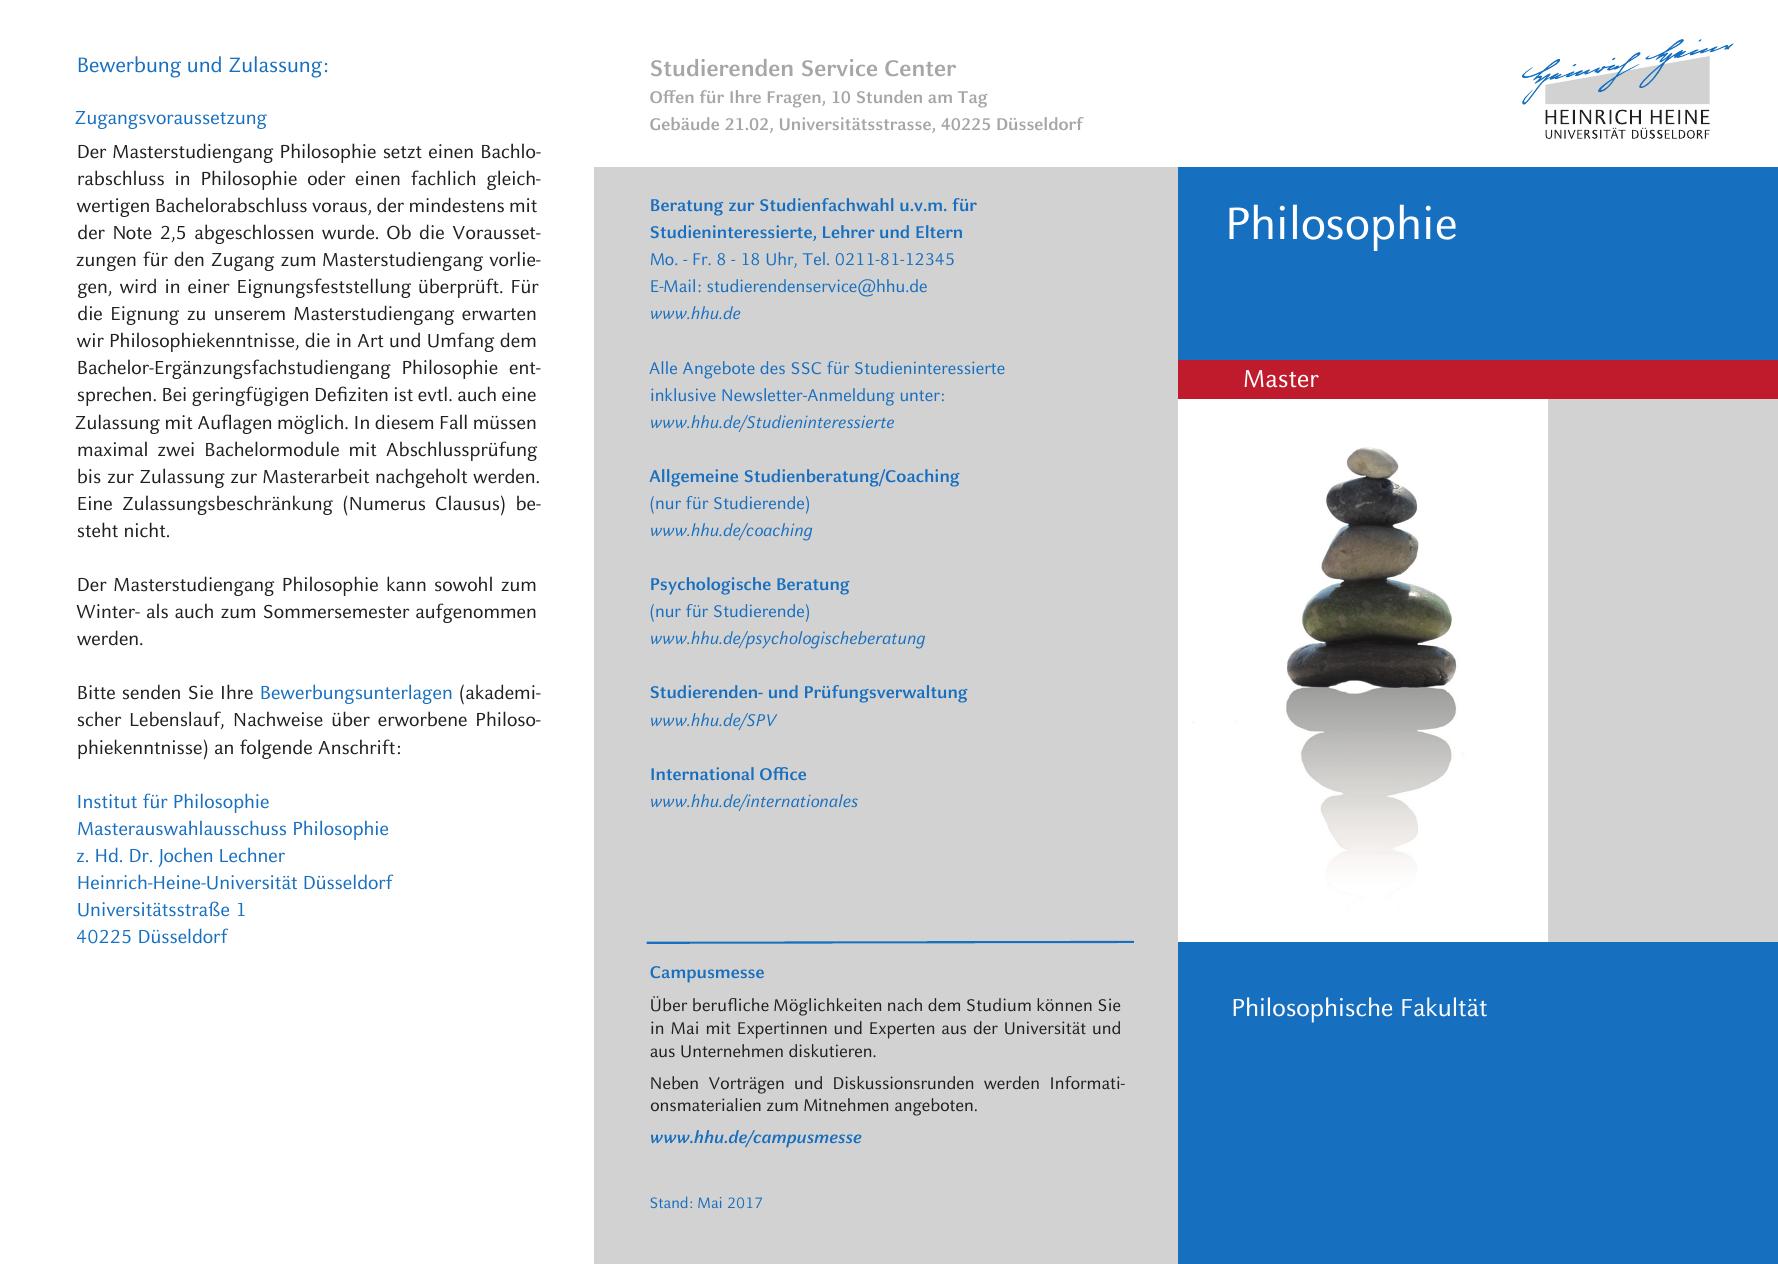 philosophie heinrich heine - Uni Dsseldorf Bewerbung